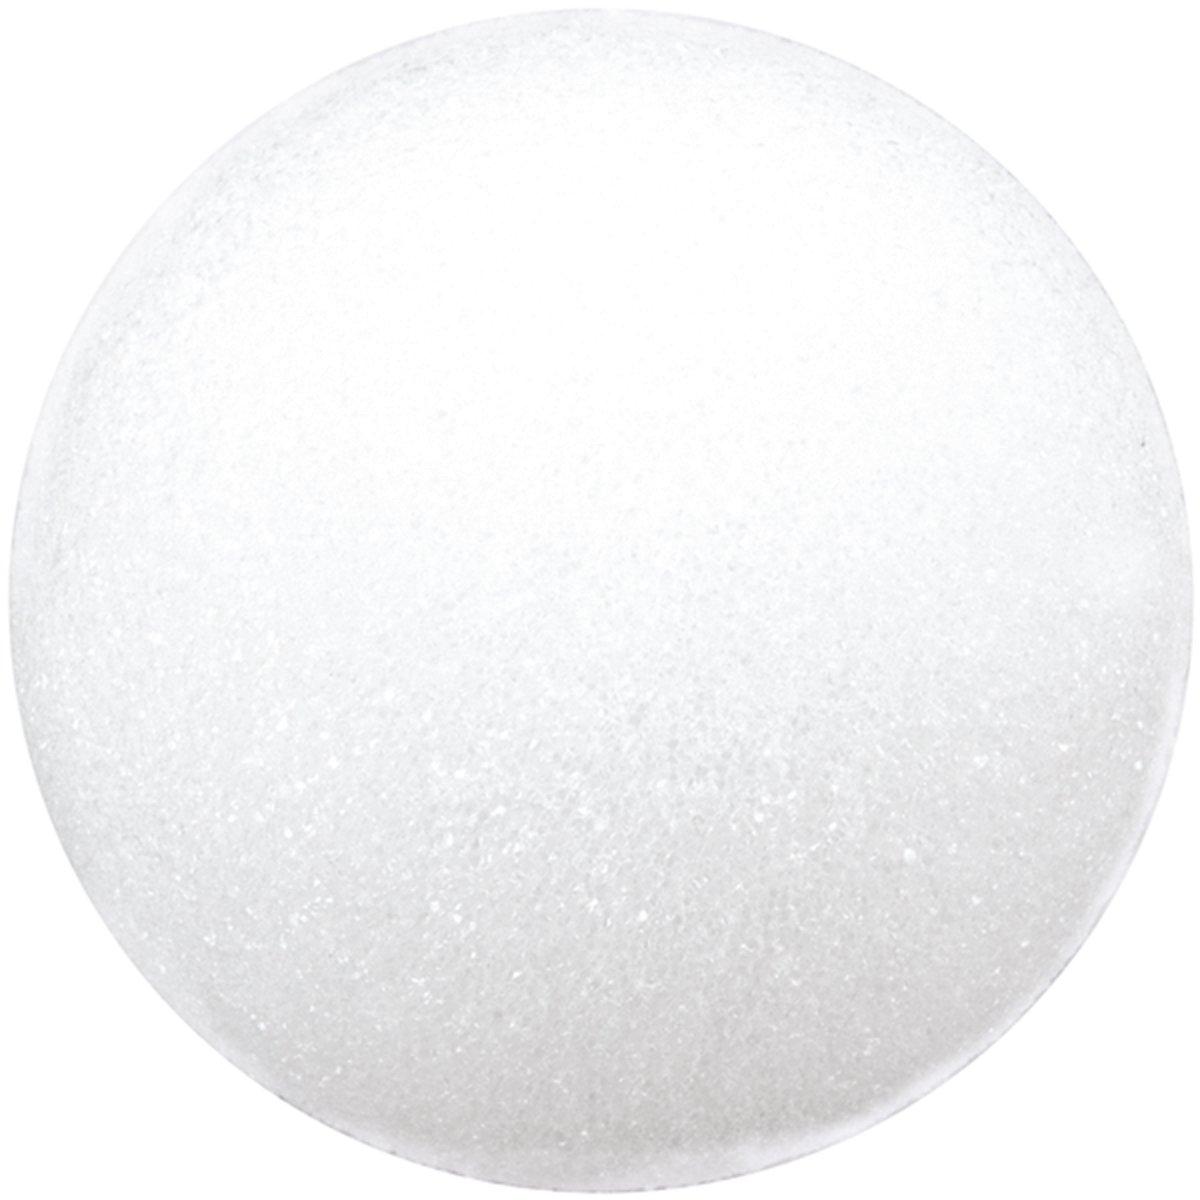 Floracraft Styrofoam Ball, 4-Inch, White, 2-Pack BA4H